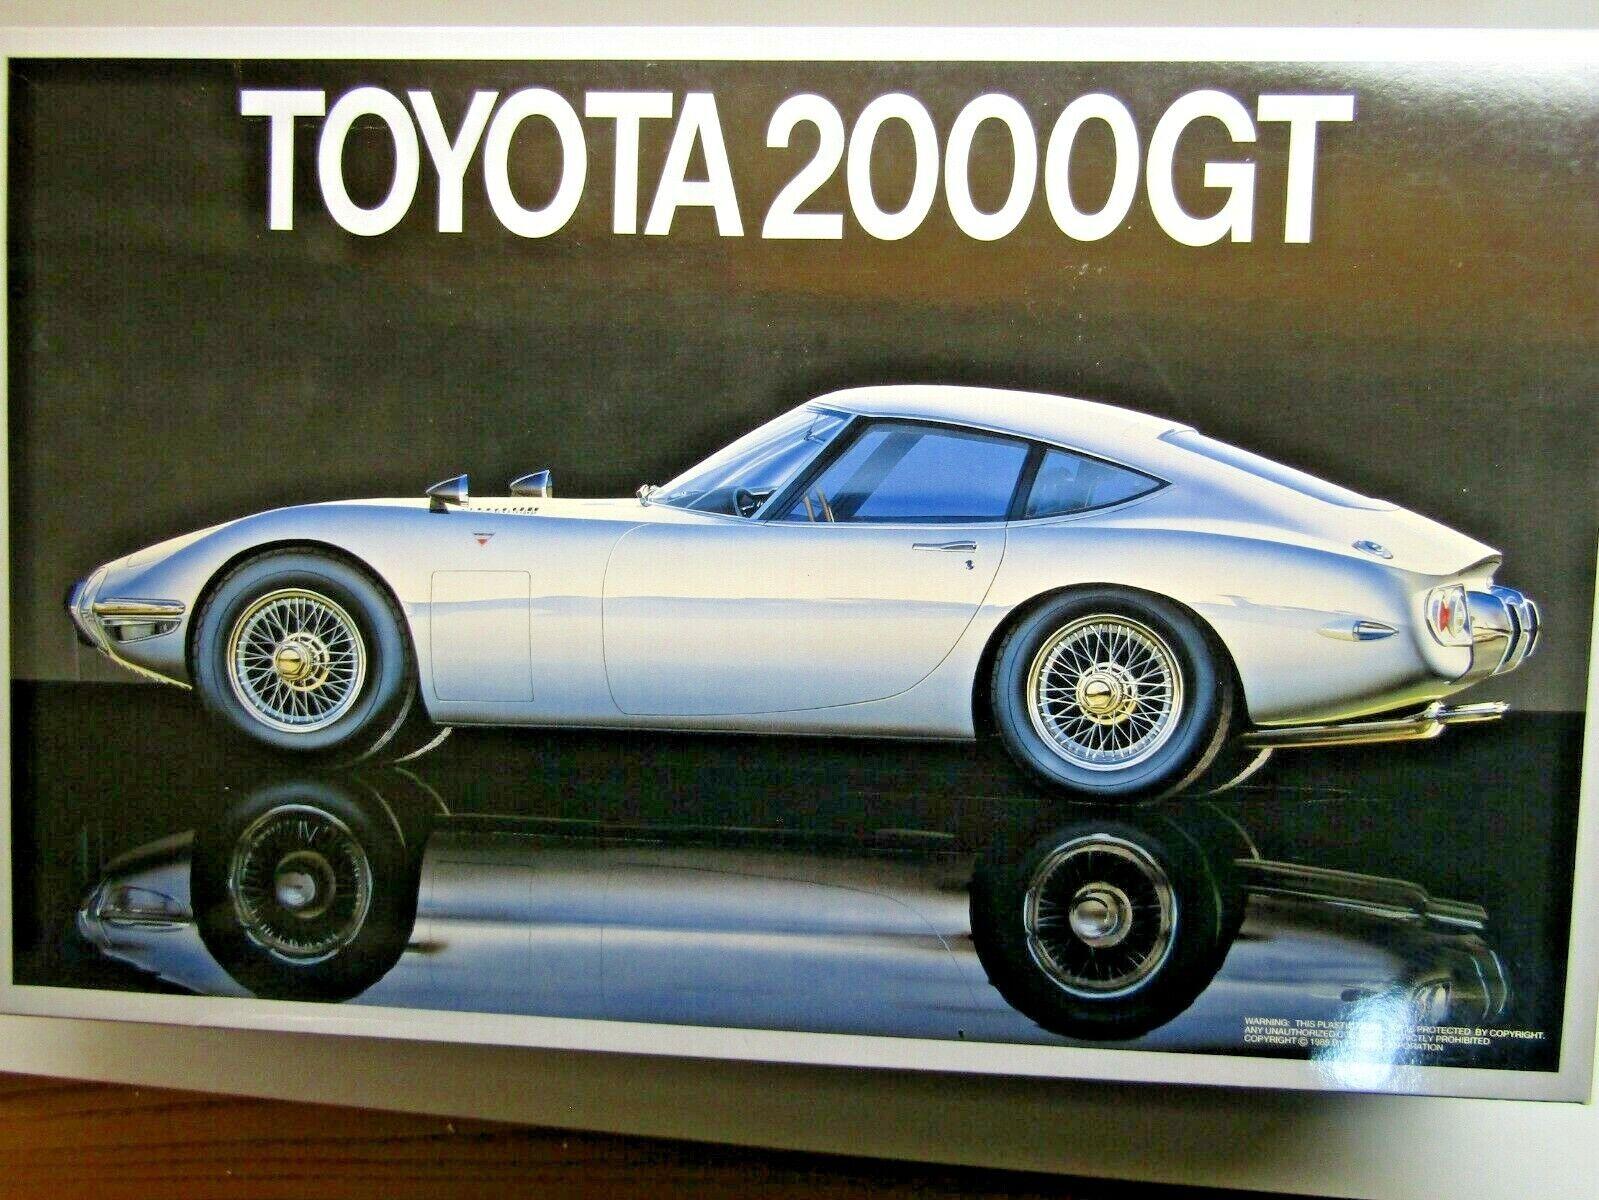 Fujimi Vintage 1 16 Scale Toyota 2000GT Model Kit - Super Rare - New Kit